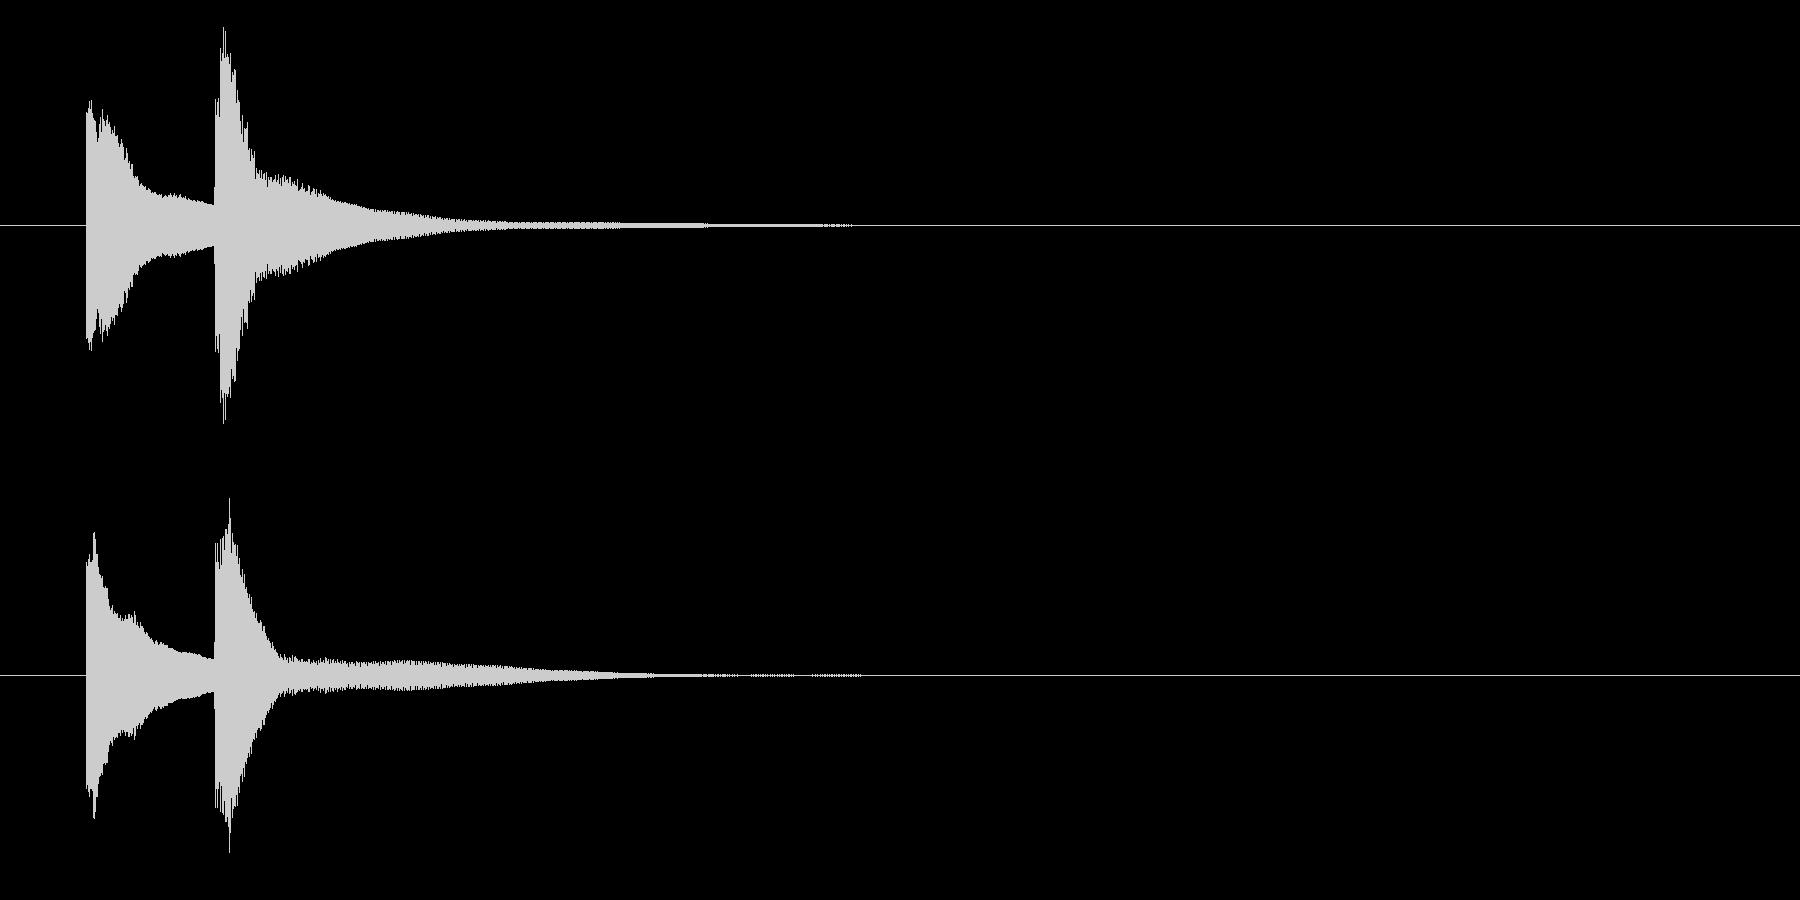 ピンポン【正解・ドアベル・チャイム】の未再生の波形